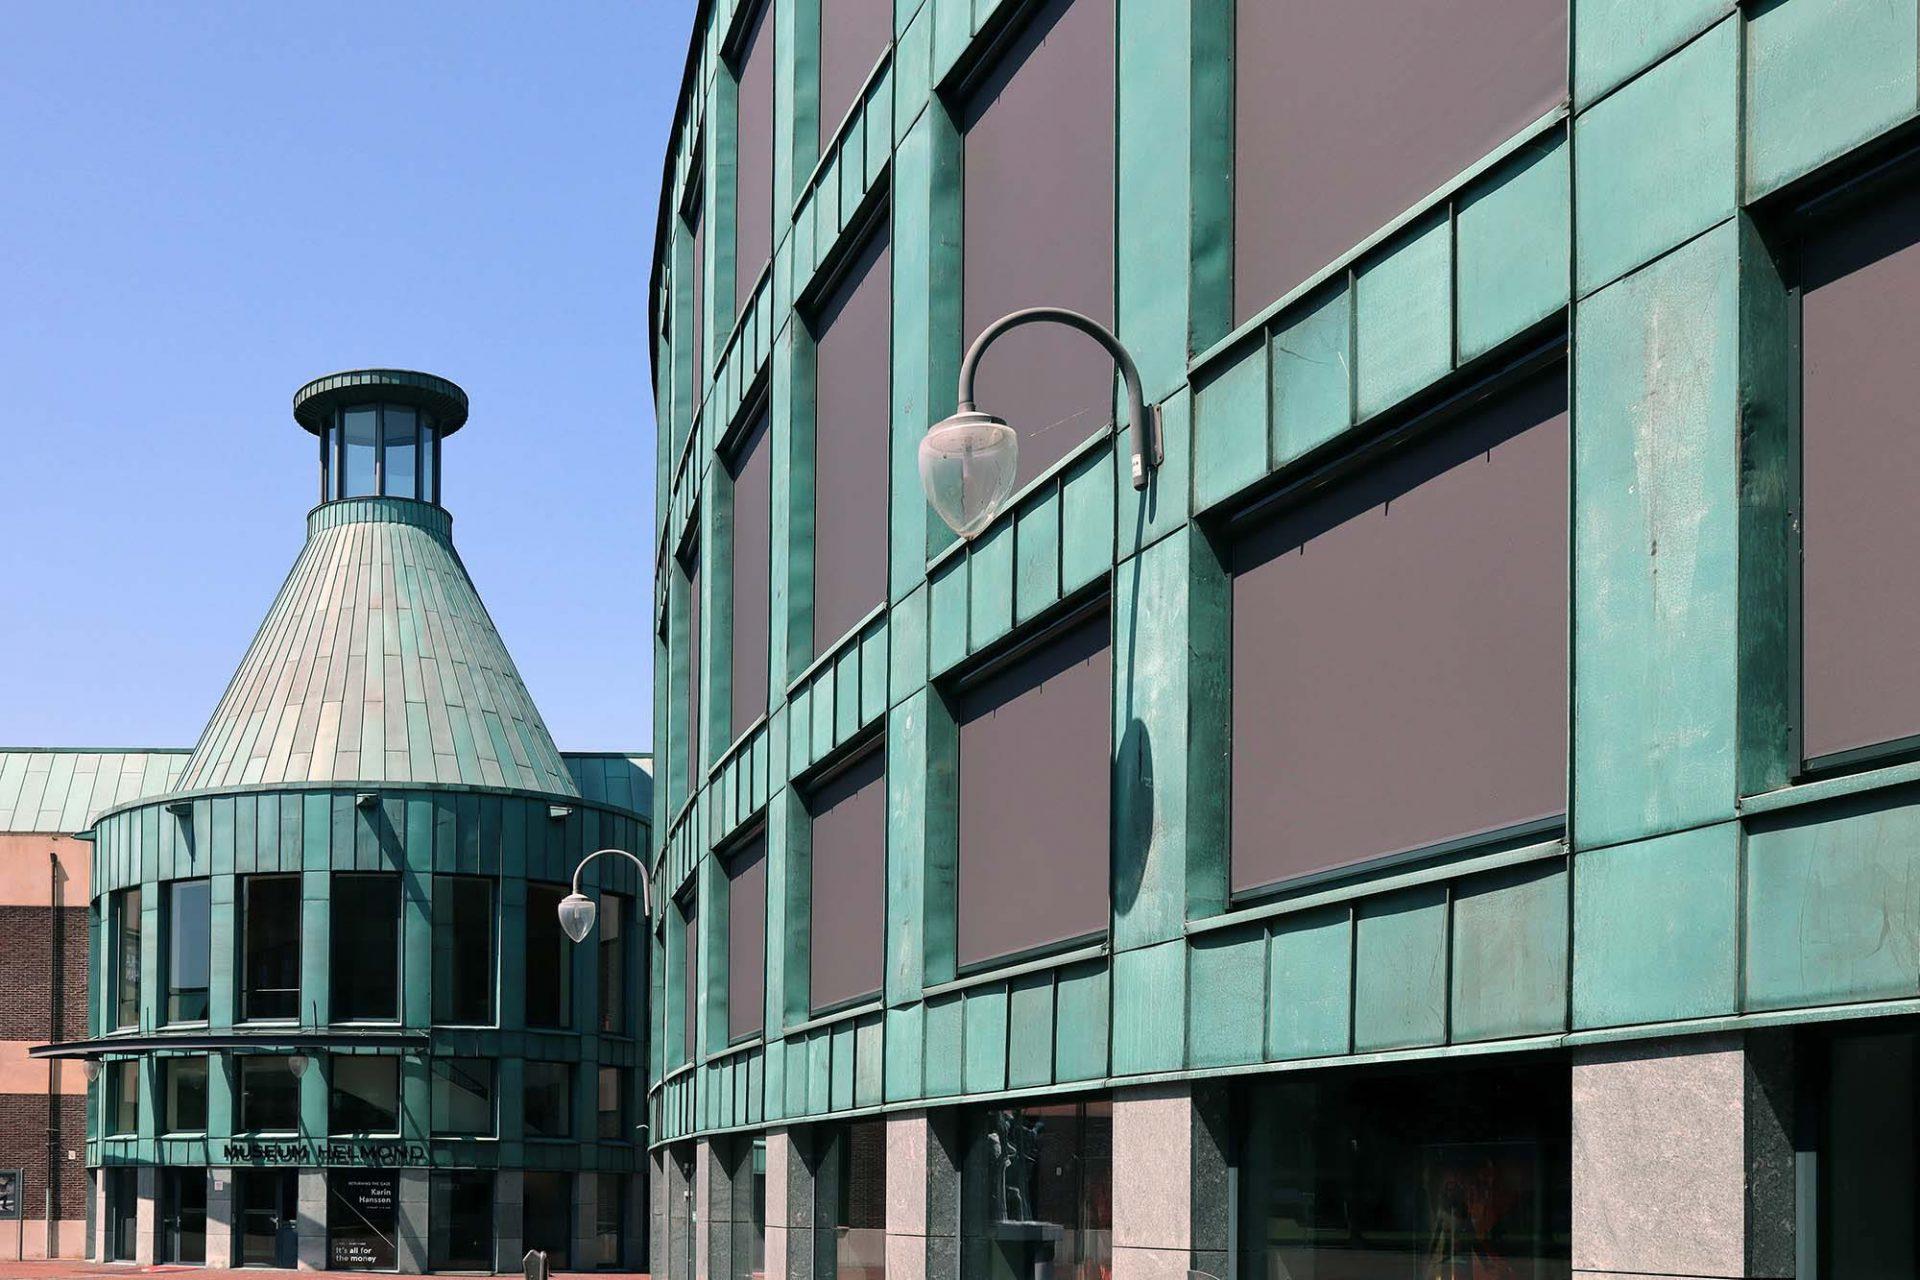 Boscotondo-Komplex. Im Mittelpunkt von Natalinis Entwurf steht ein runder Wald. Der Boscotondo (italienisch für Rundwald) bildet das Zentrum eines großen, offenen Platzes, der von Gebäuden umsäumt ist. Da sind sie wieder, die Bäume.